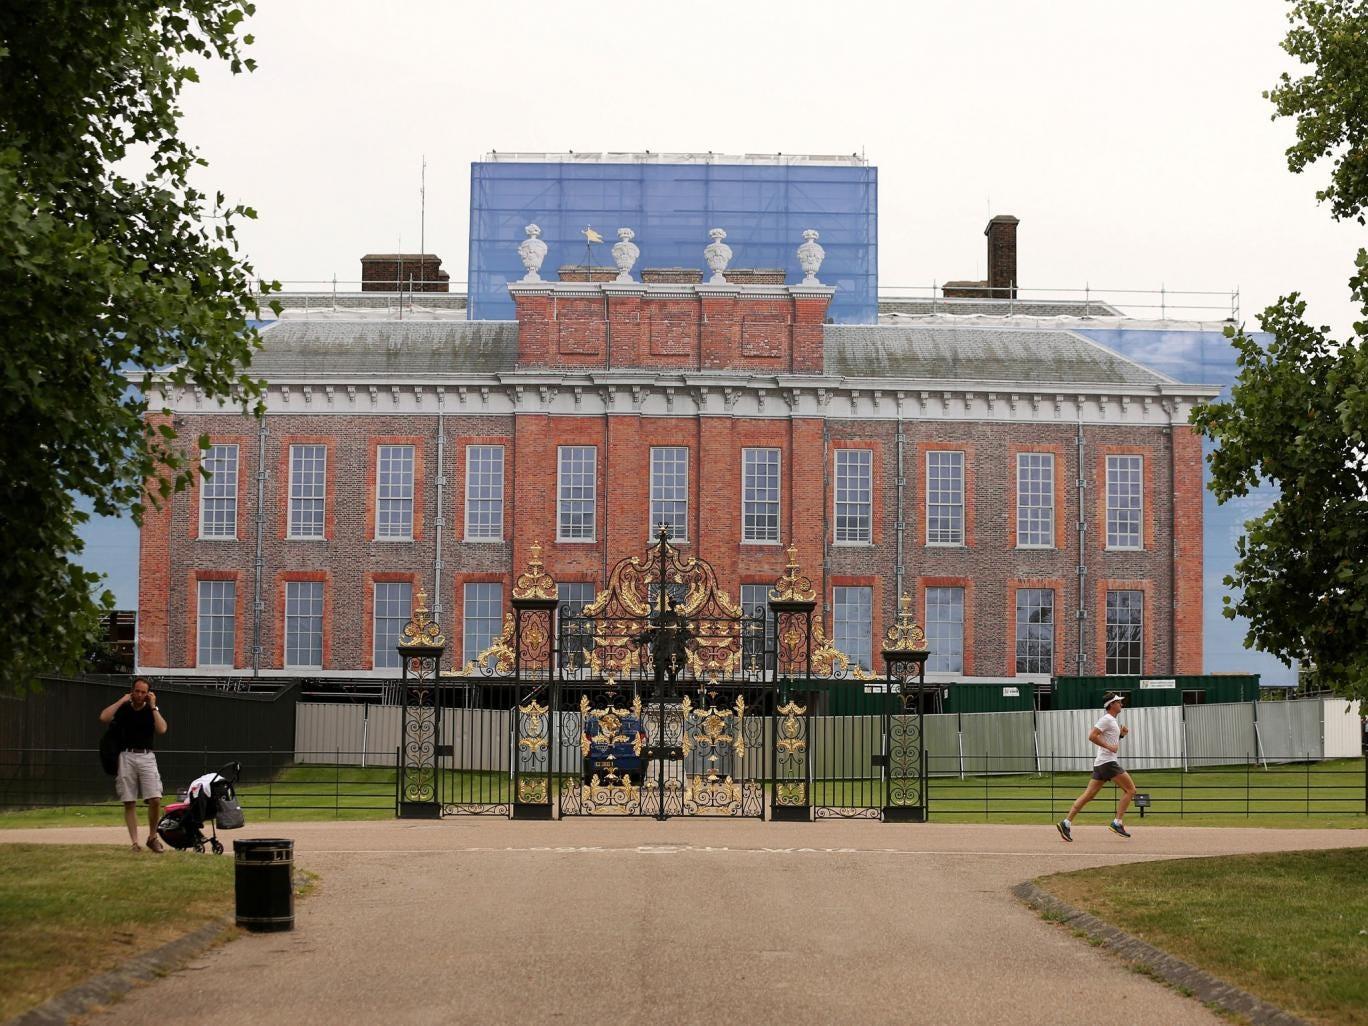 The building wrap around Kensington palace as renovations take place